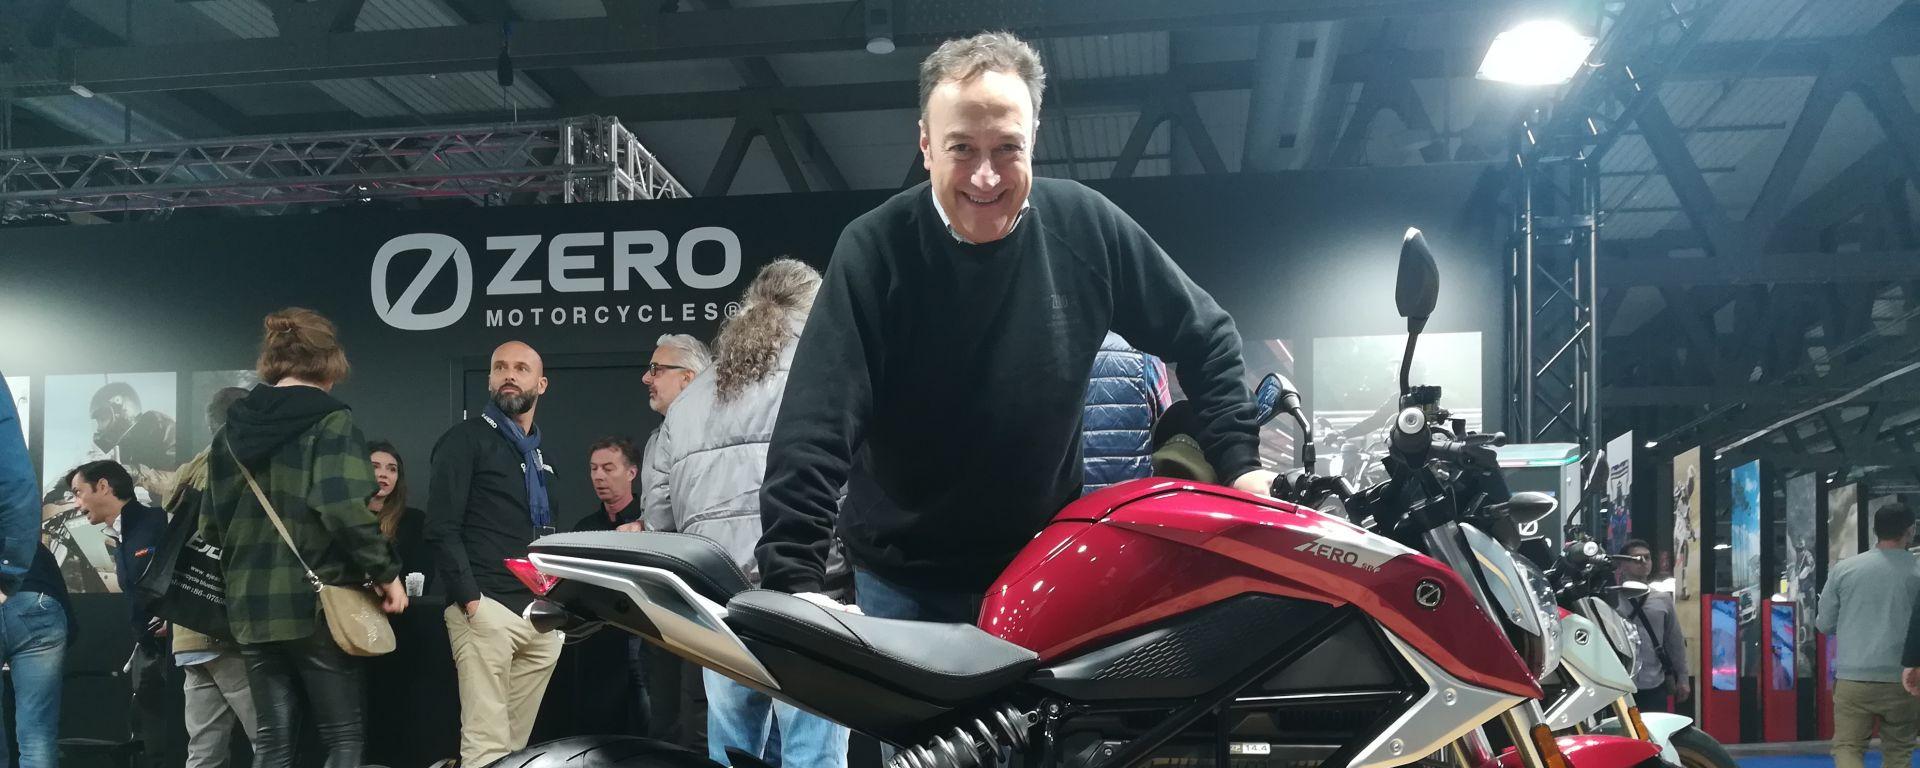 Zero Motorcycles a EICMA 2019